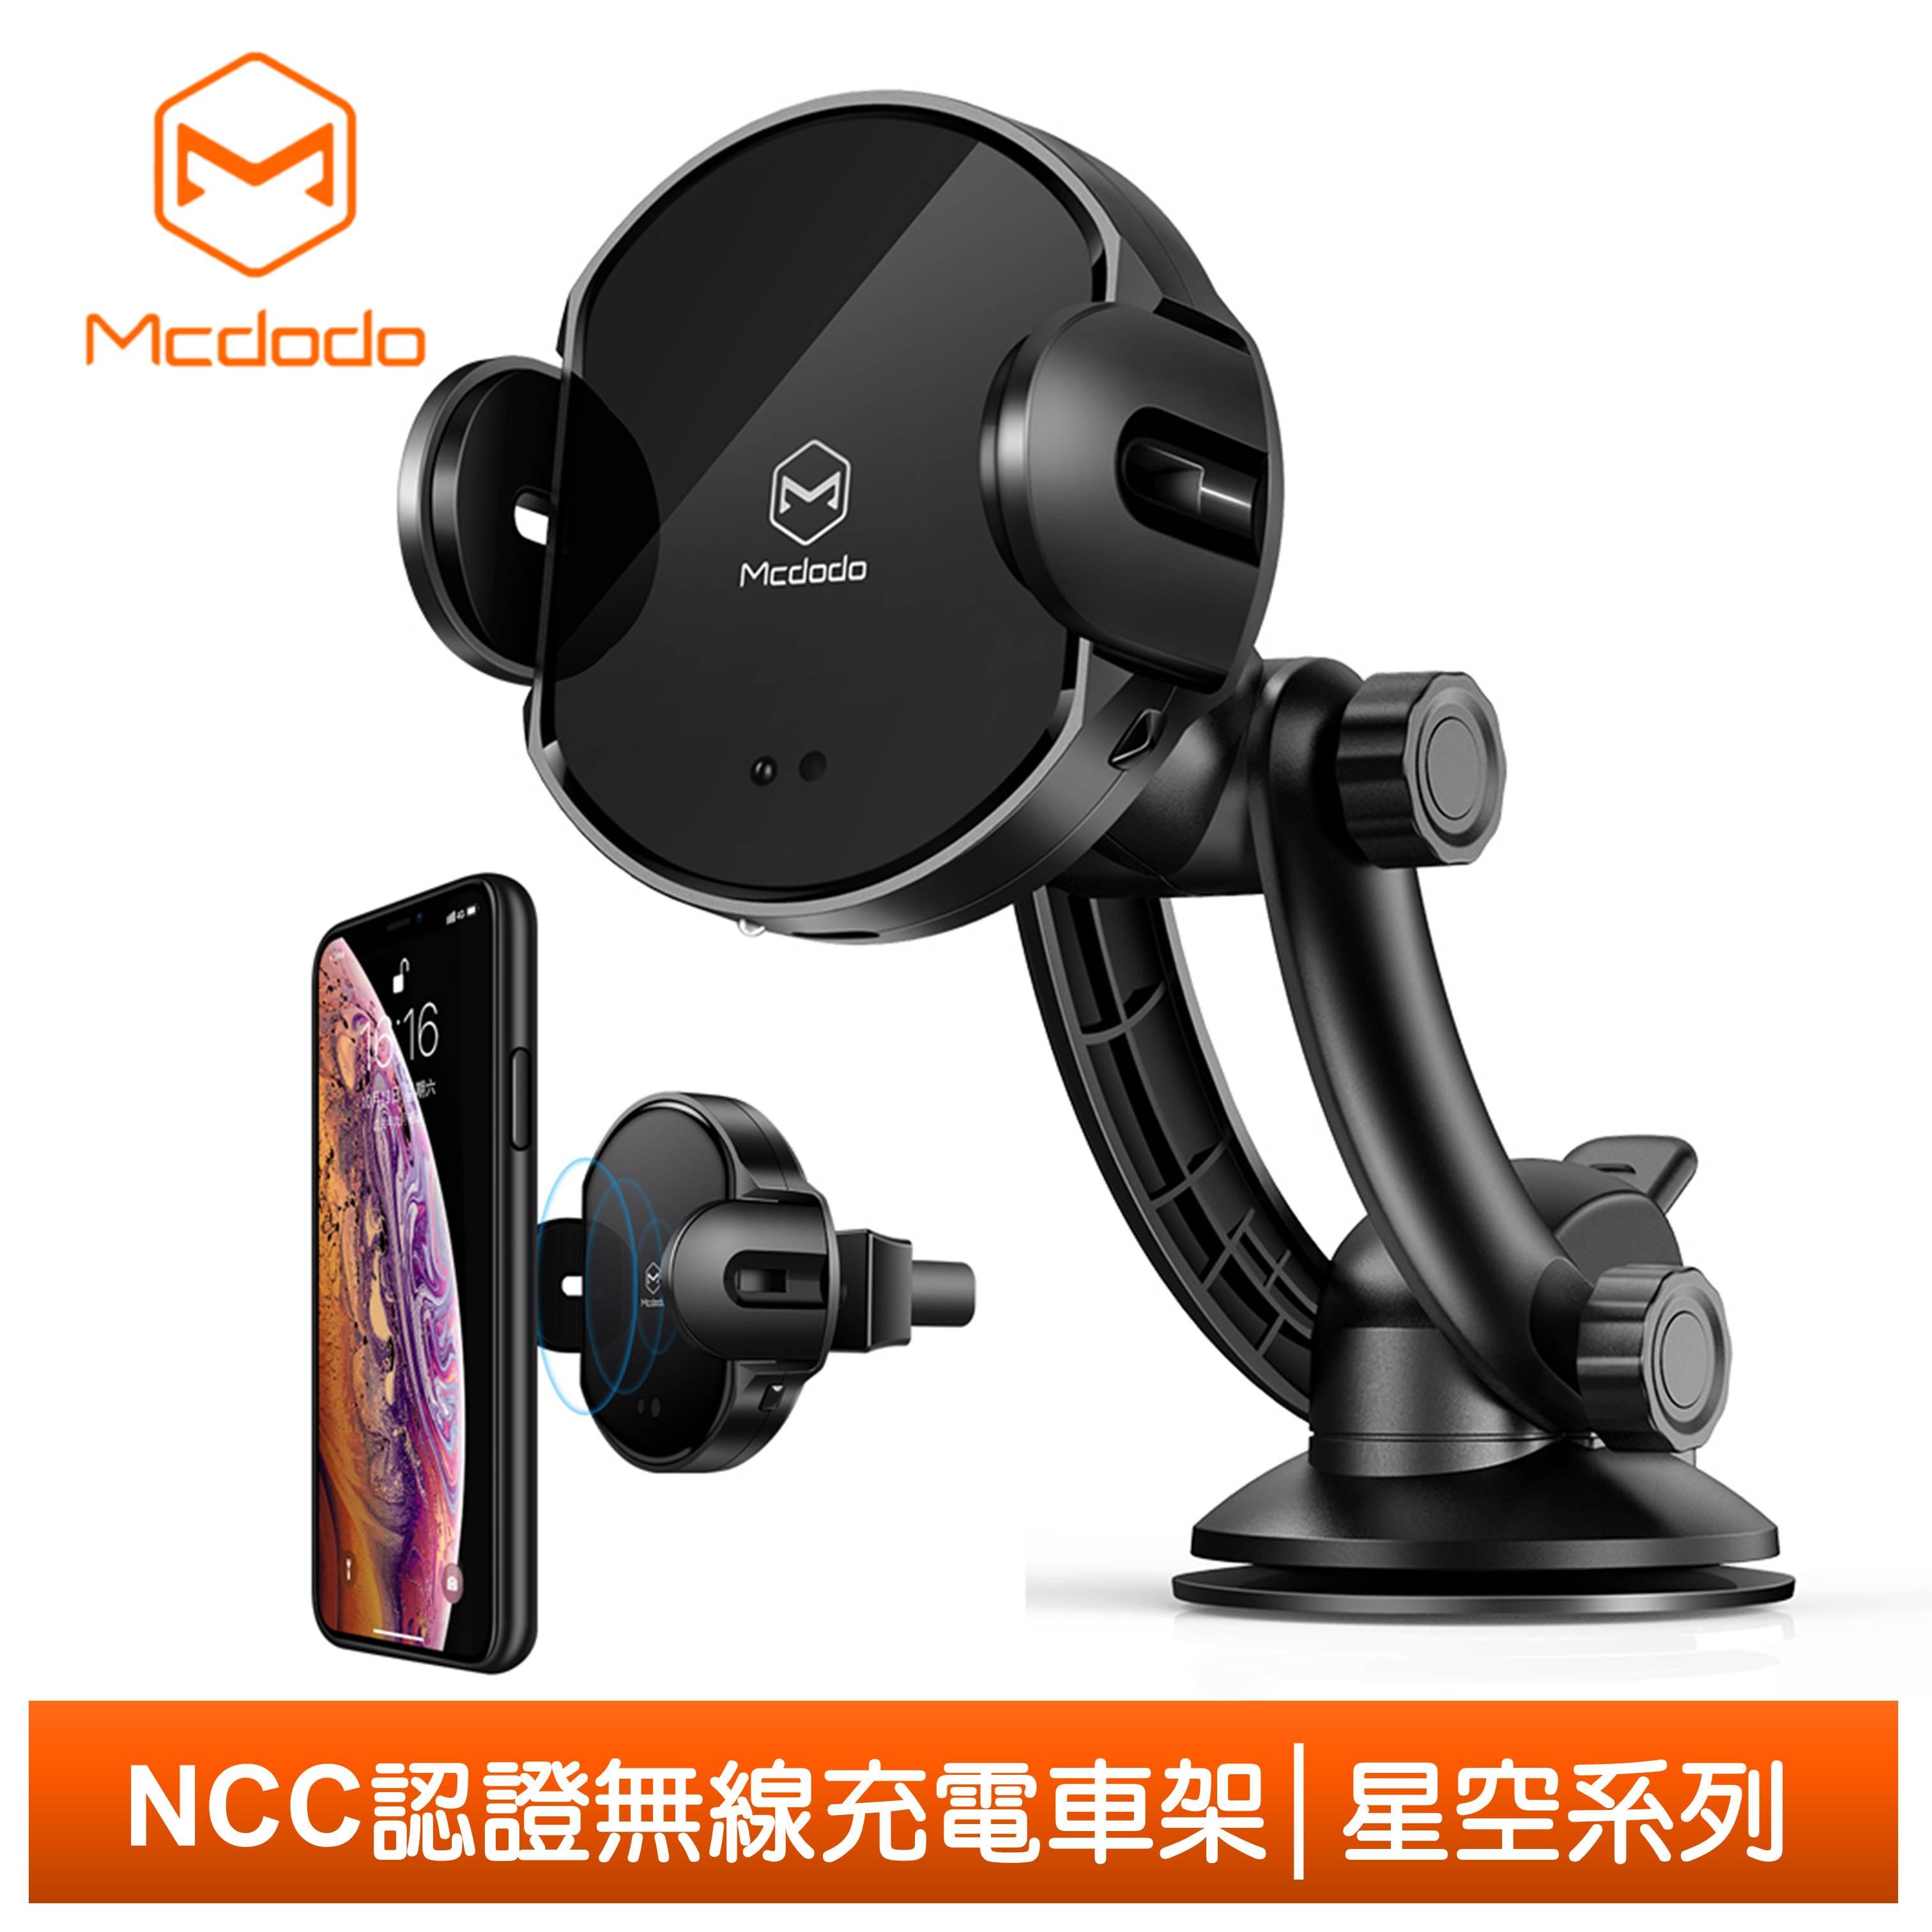 Mcdodo麥多多台灣官方 全自動紅外線出風口吸盤車架支架QI無線充電盤車充 星空系列